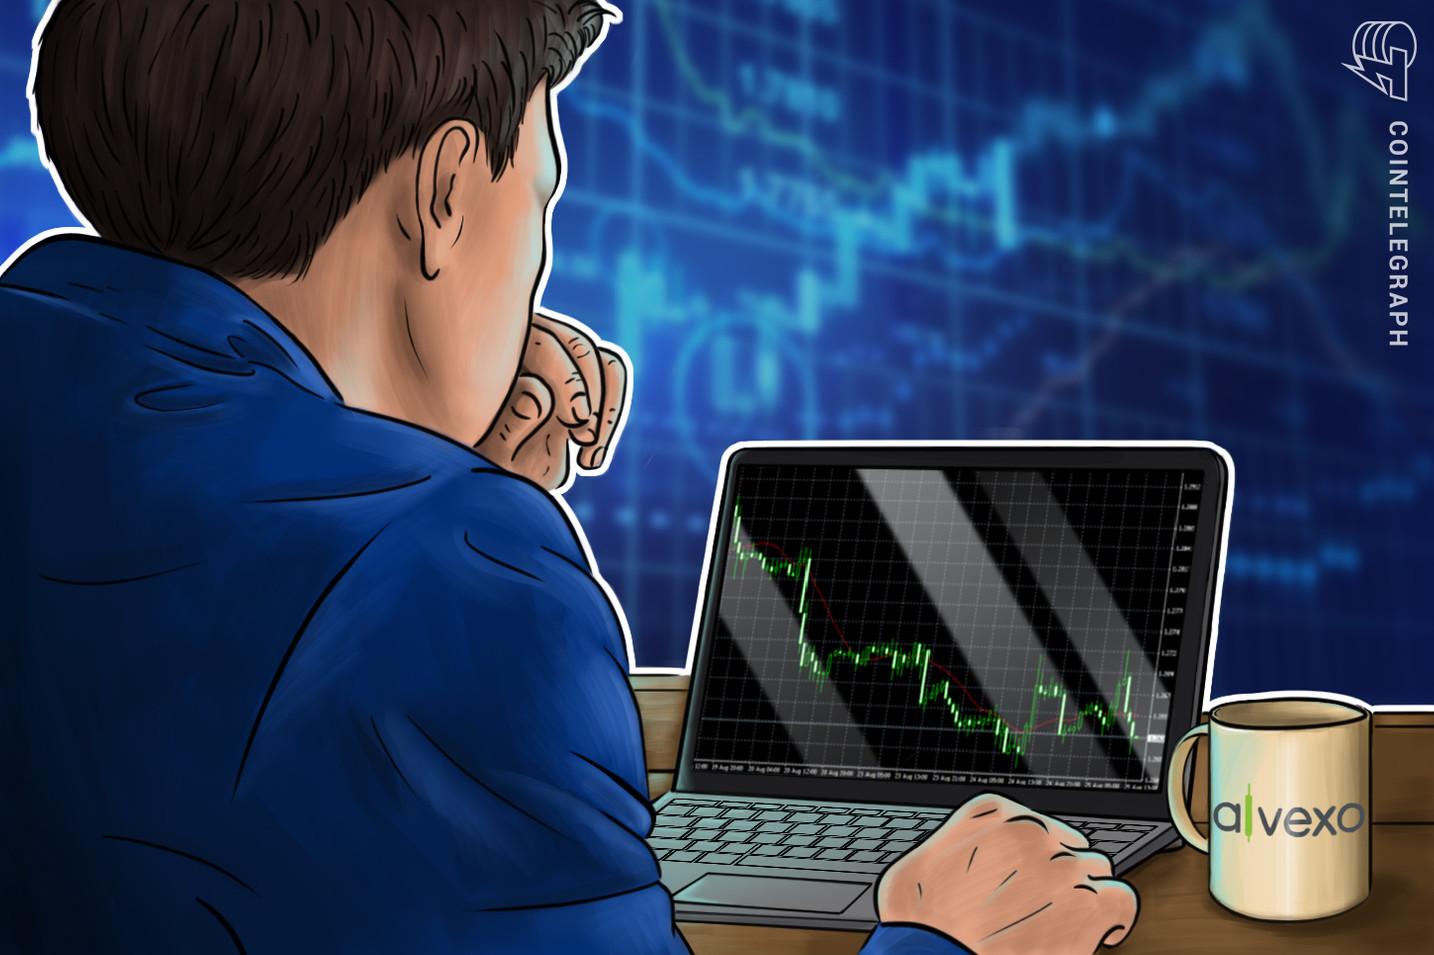 Una piattaforma regolamentata offre strumenti di trading dedicati alle cripto, consulenza personale ed un conto demo gratuito